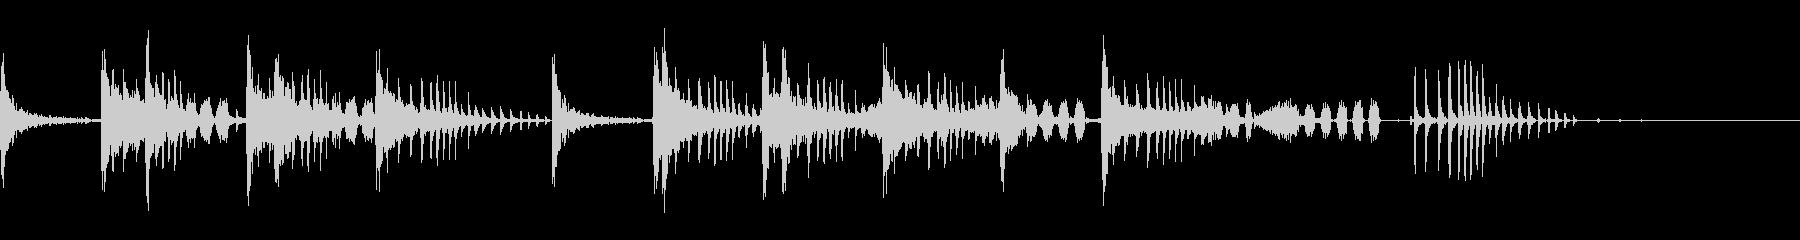 とんとん(派手な建設中の音)B08の未再生の波形